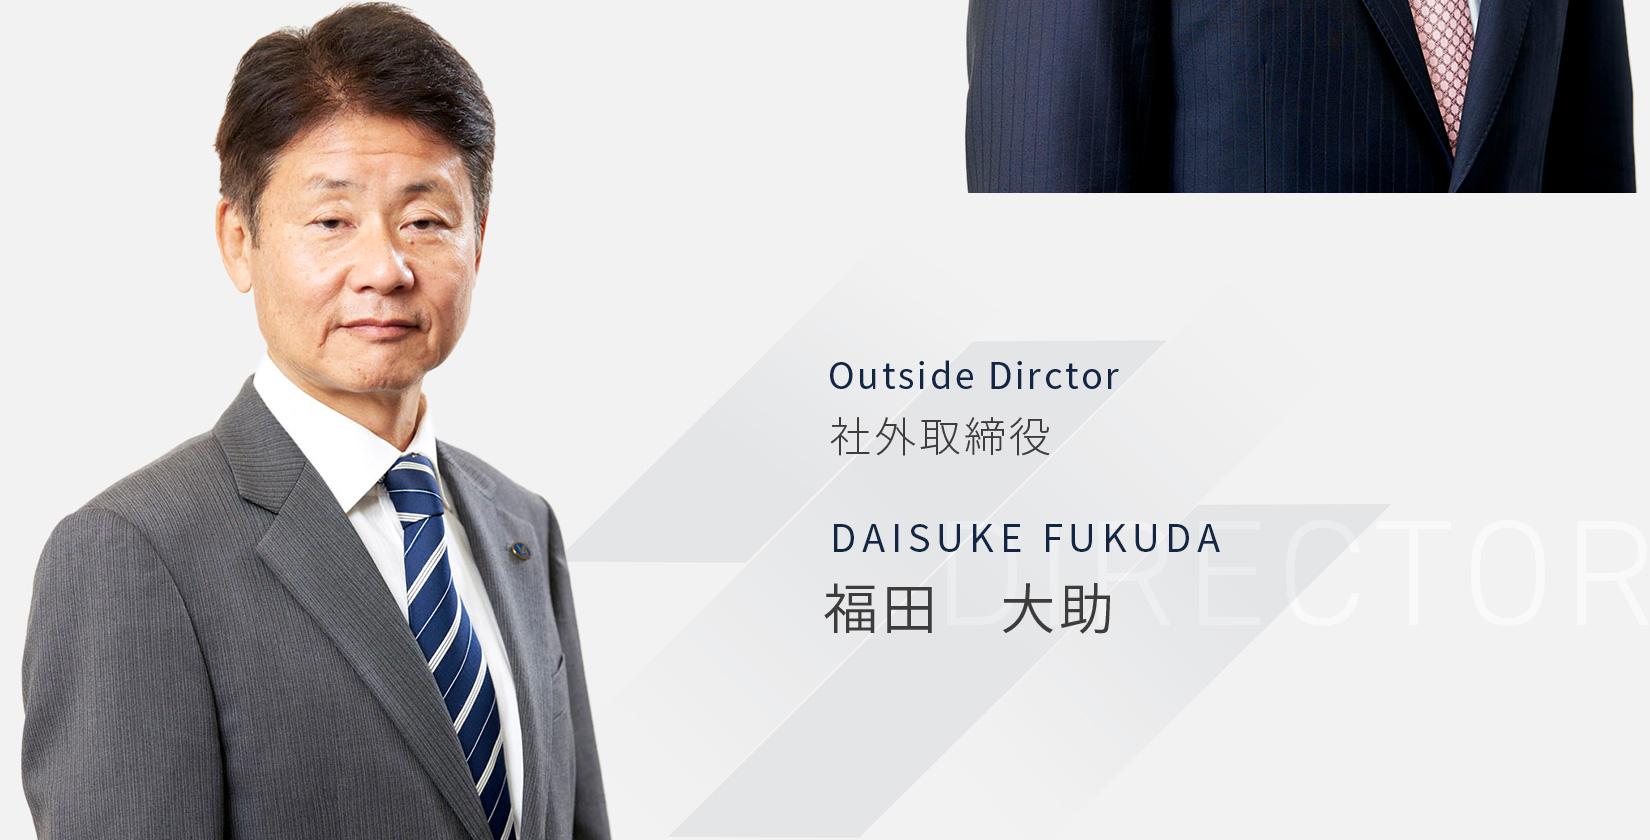 社外取締役 福田 大助